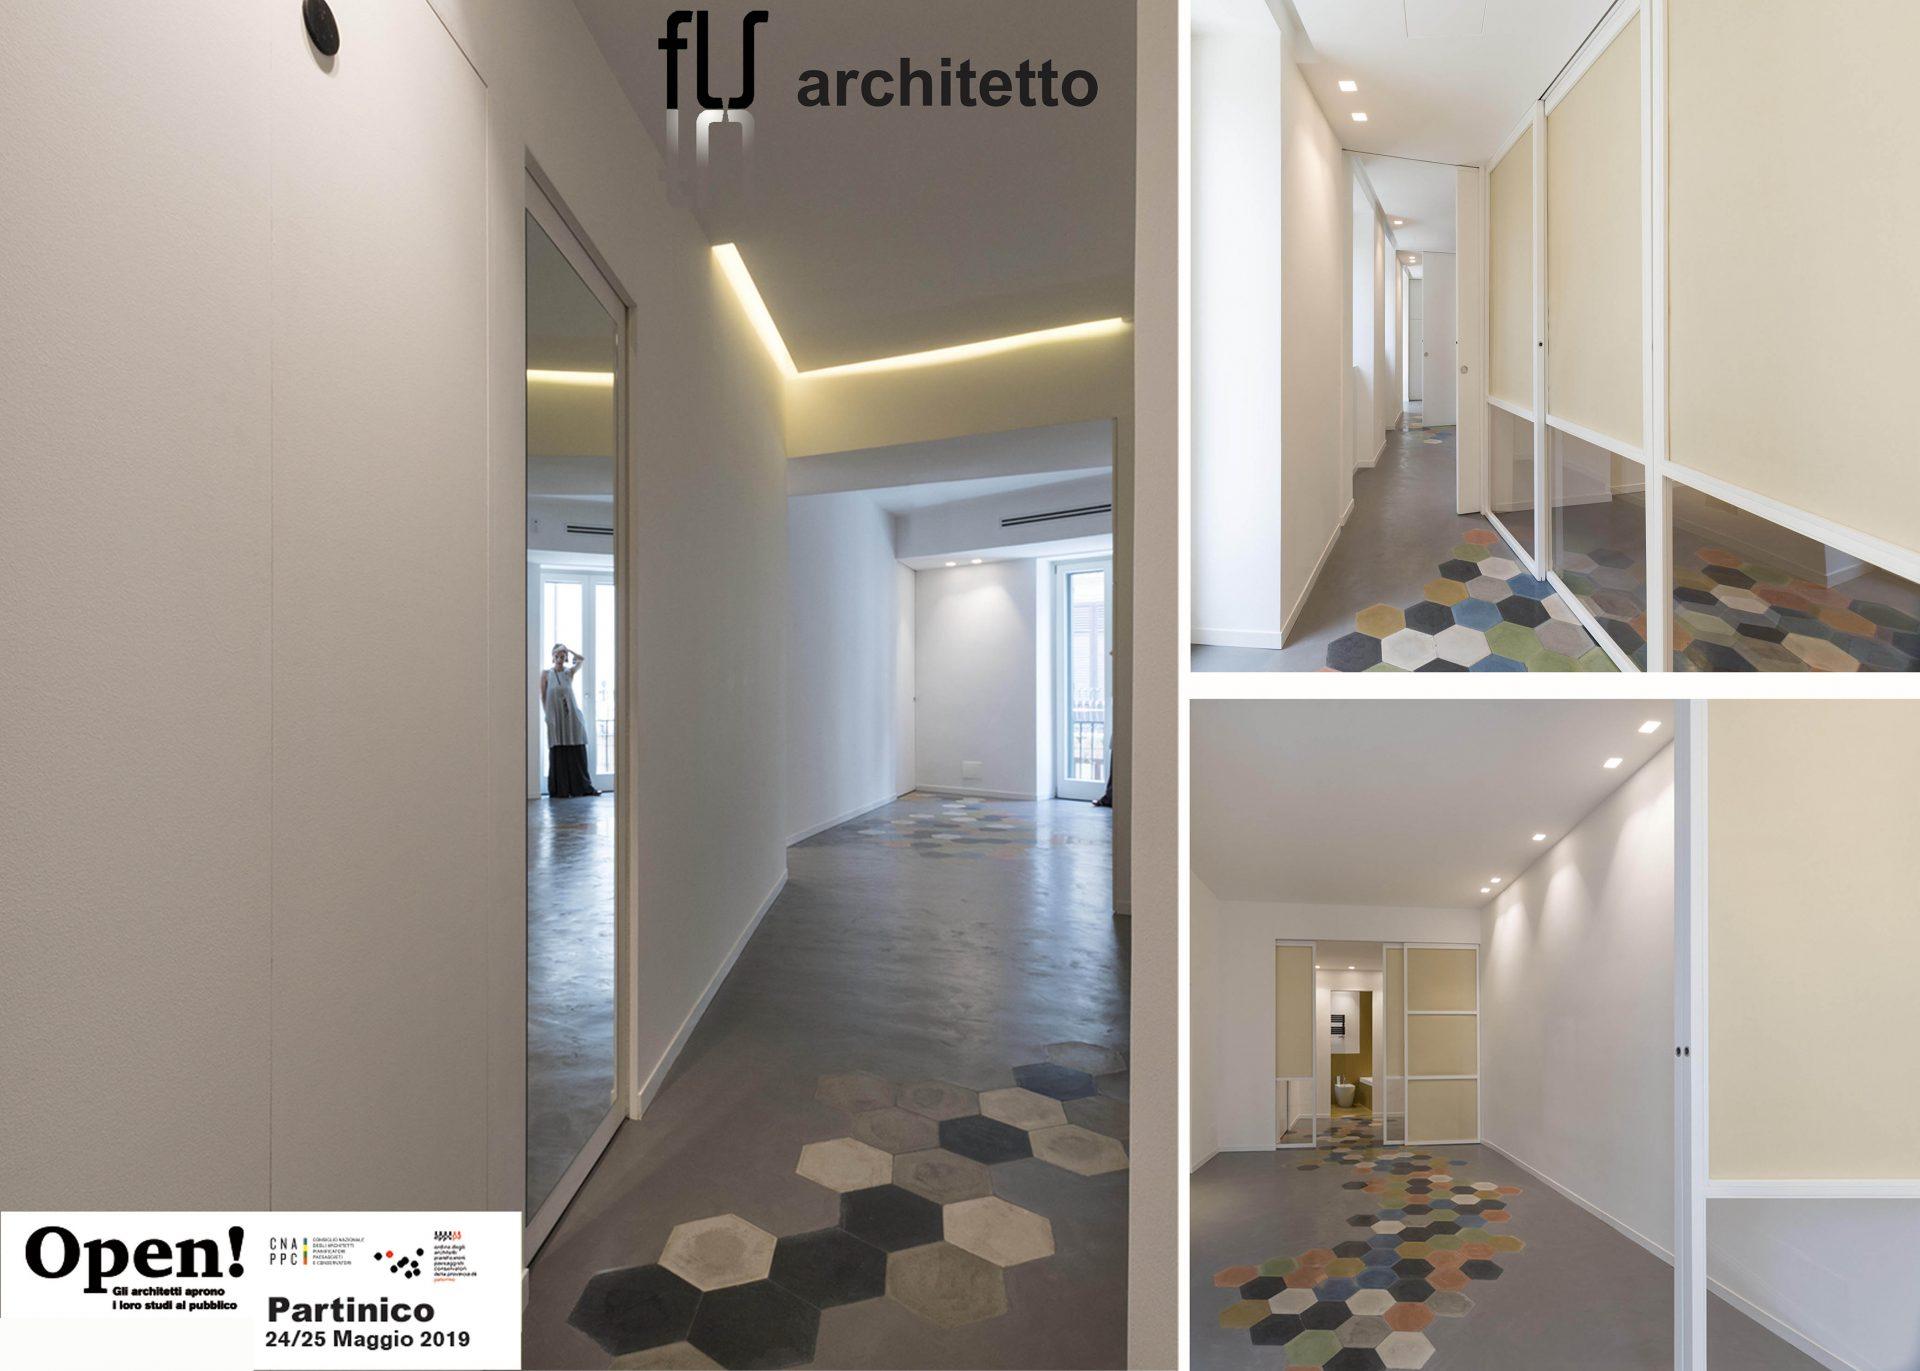 Immagini di uno dei progetti di interior realizzati dallo studio